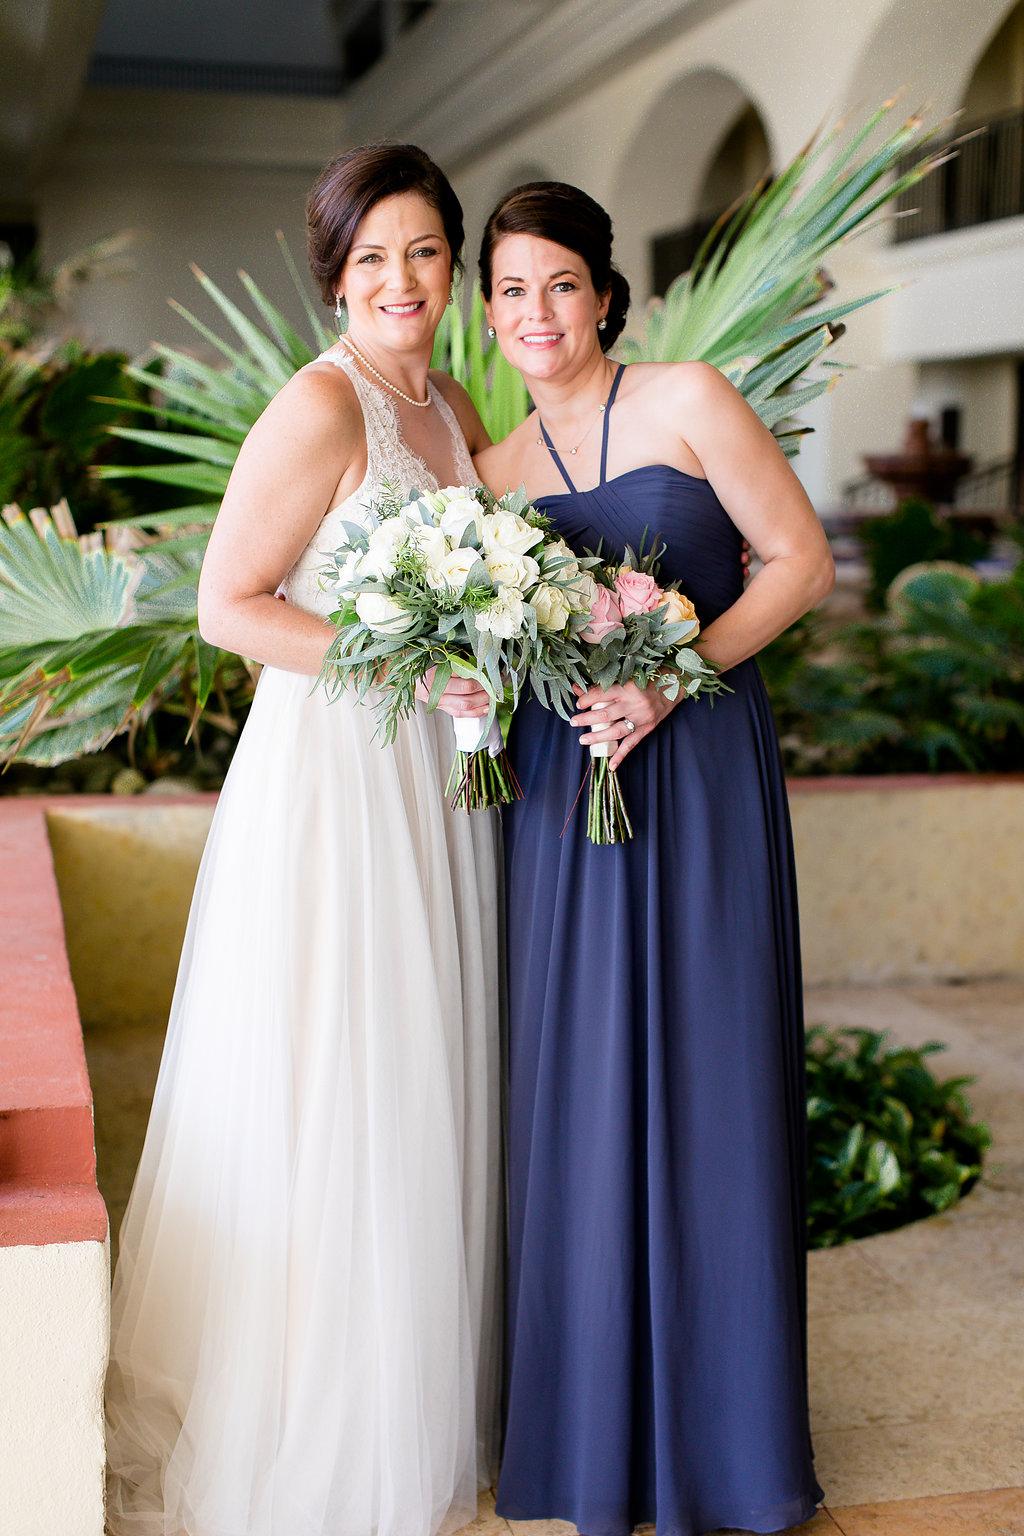 073b611cb35 Used Azazie Bridesmaid Dress Dusty Blue - Gomes Weine AG